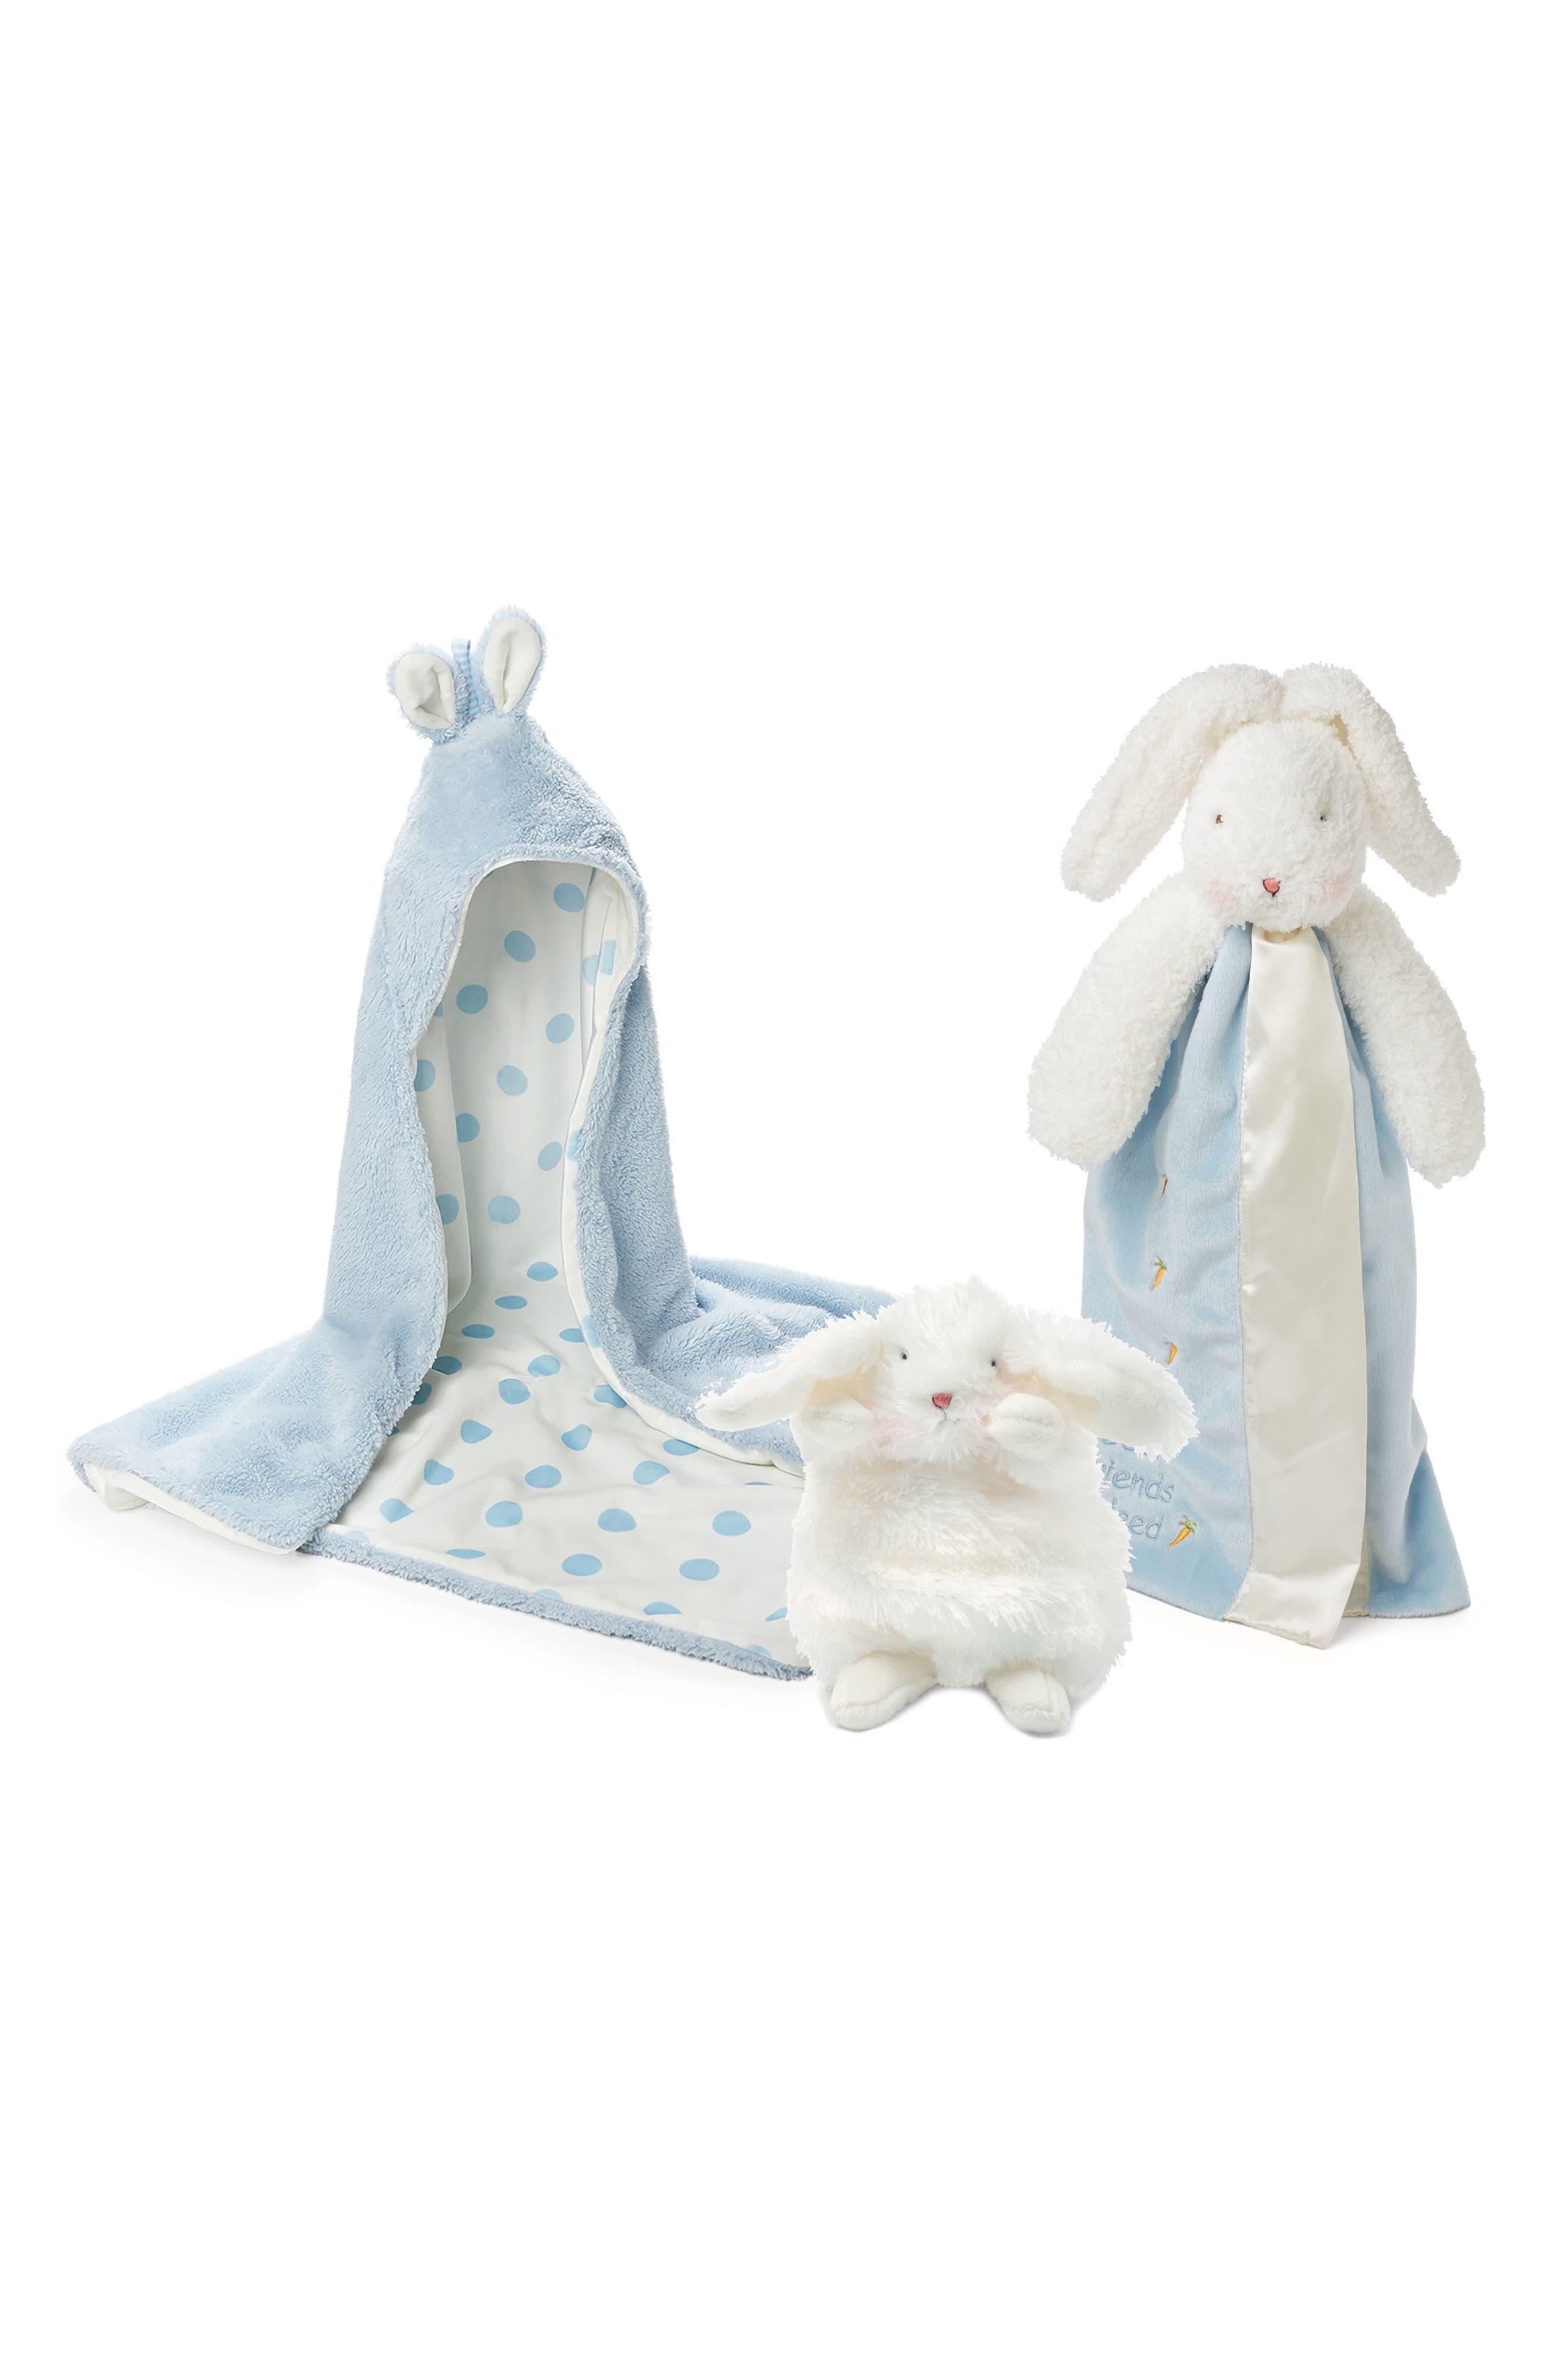 Alternate Image 1 Selected - Bunnies by the Bay Hooded Blanket, Lovie & Stuffed Animal Set